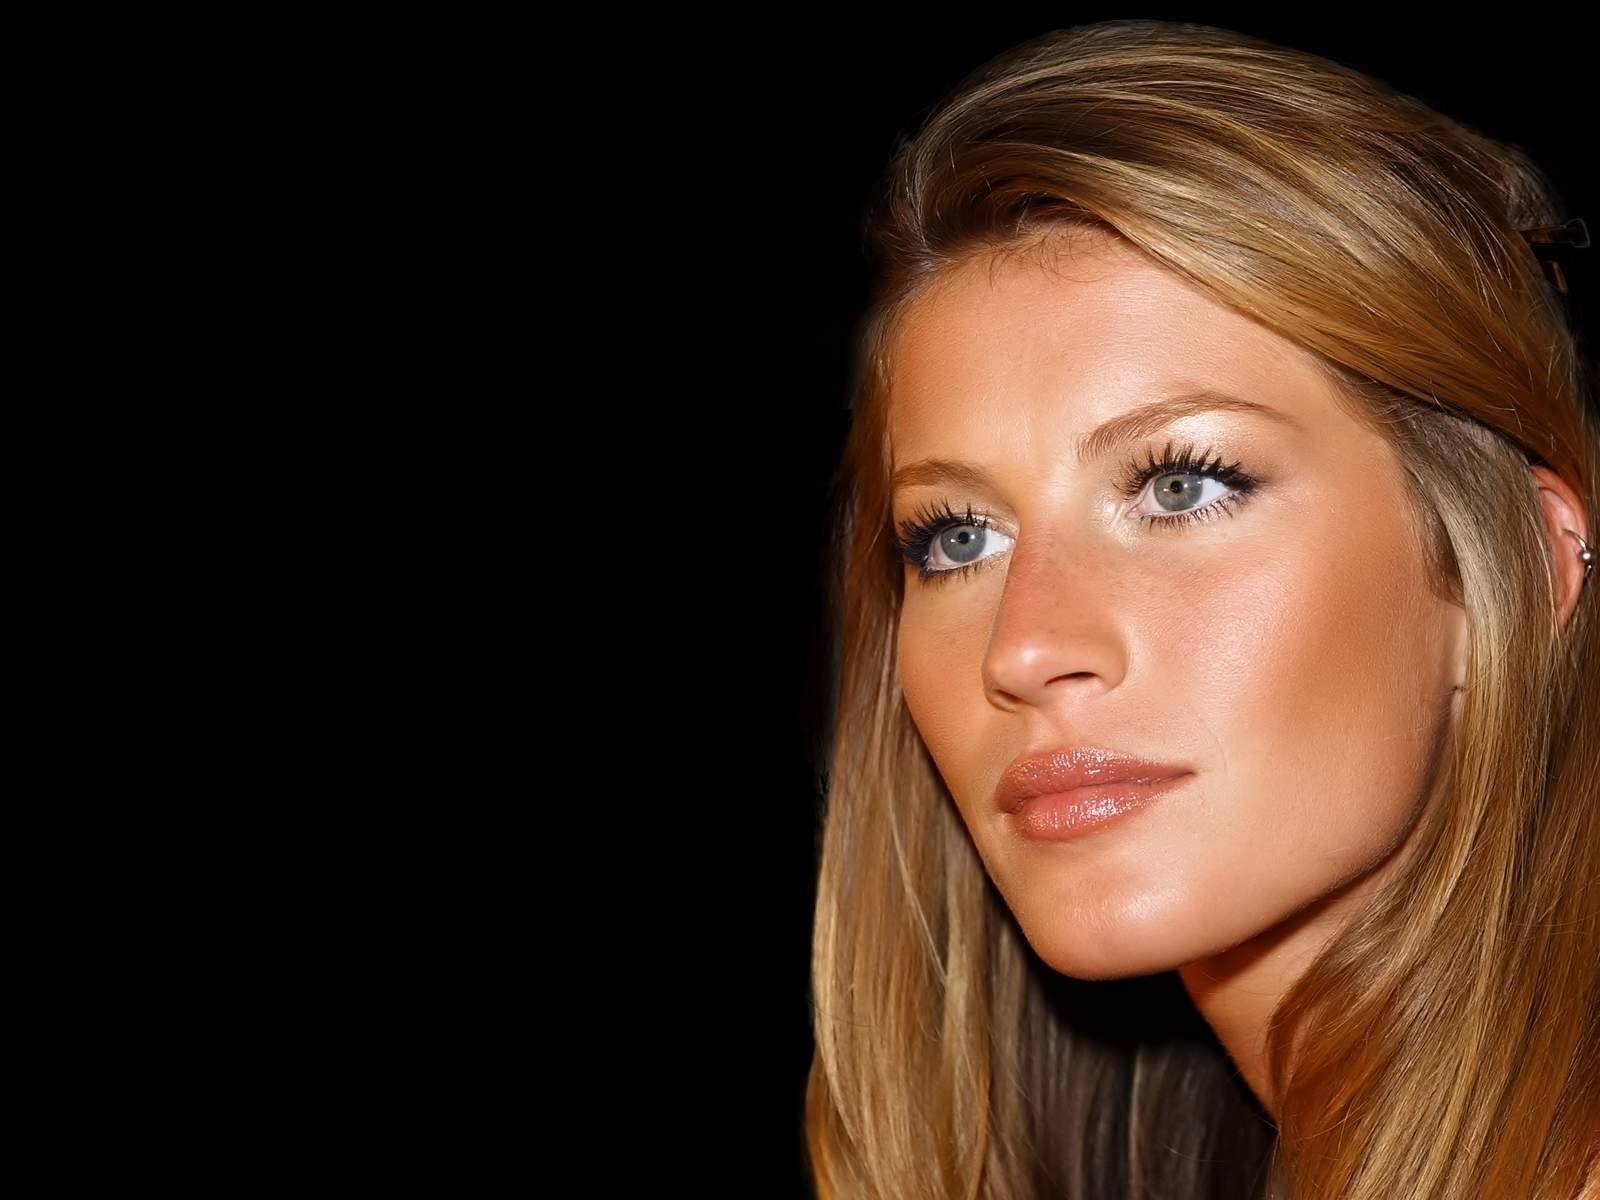 Gisele Bundchen New Images - Facebook Cover - PoPoPics.com Gisele Bundchen Facebook